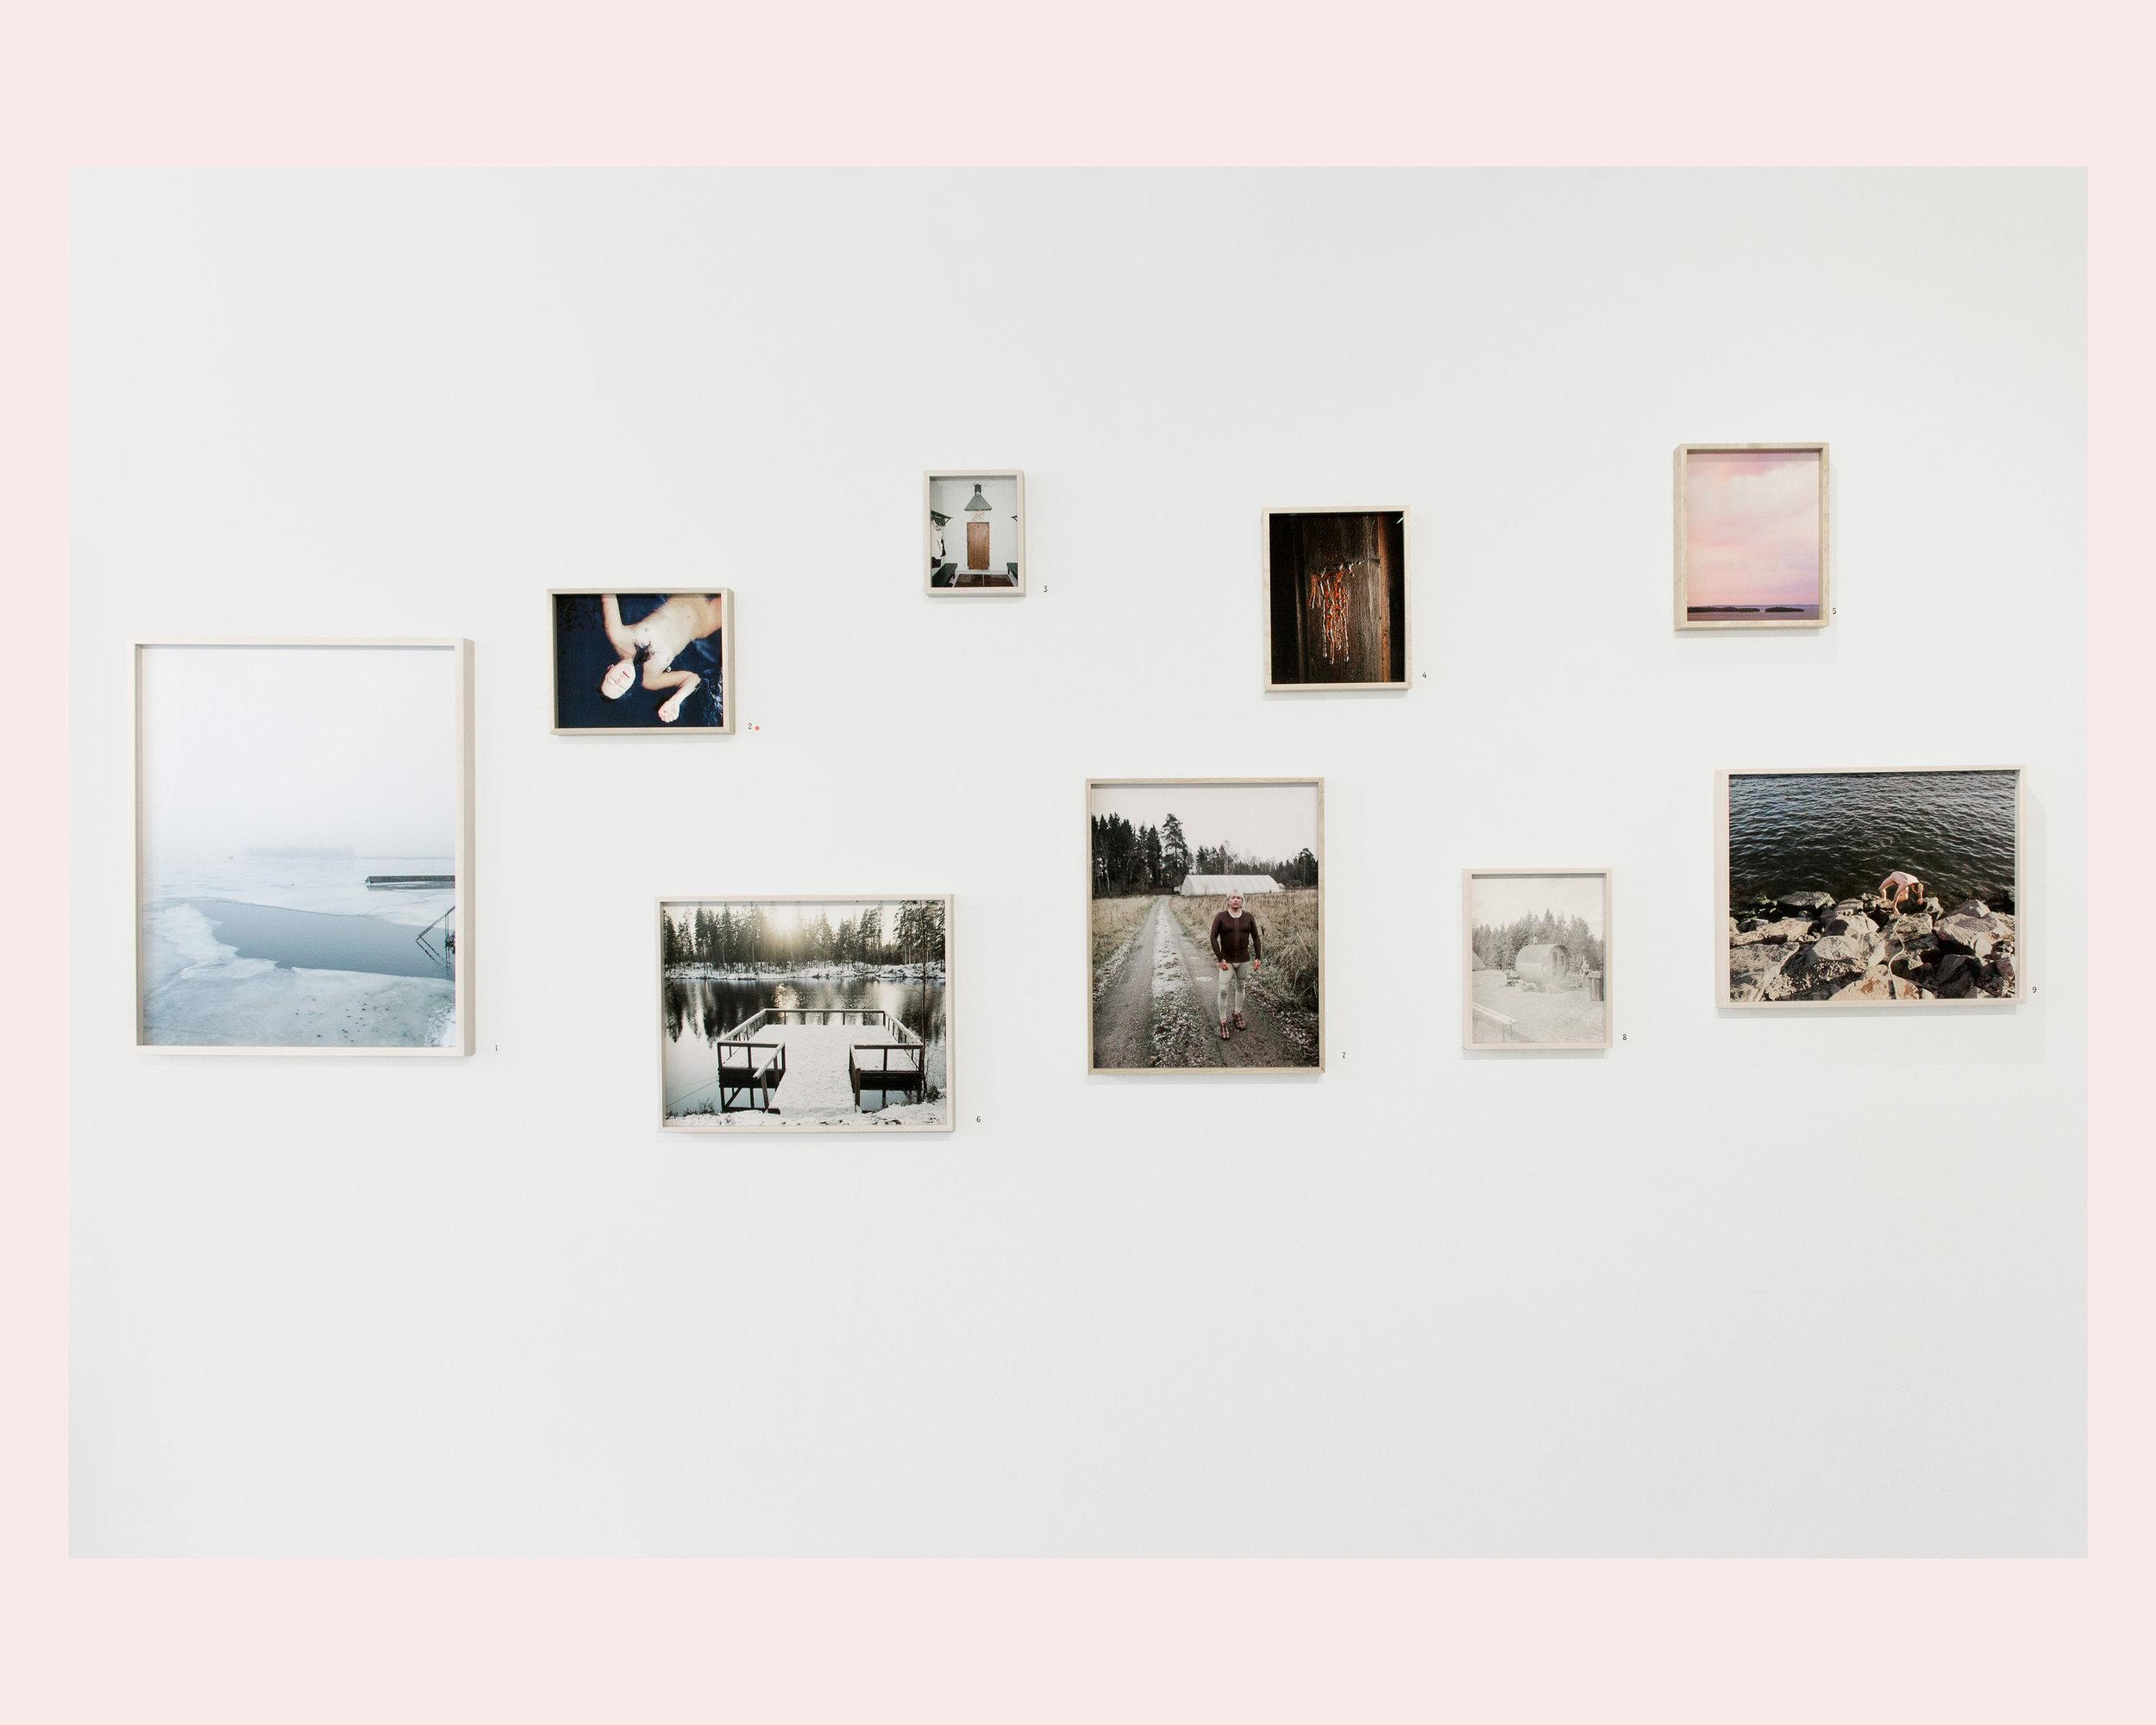 Exhibition view from Sauna Folk series.